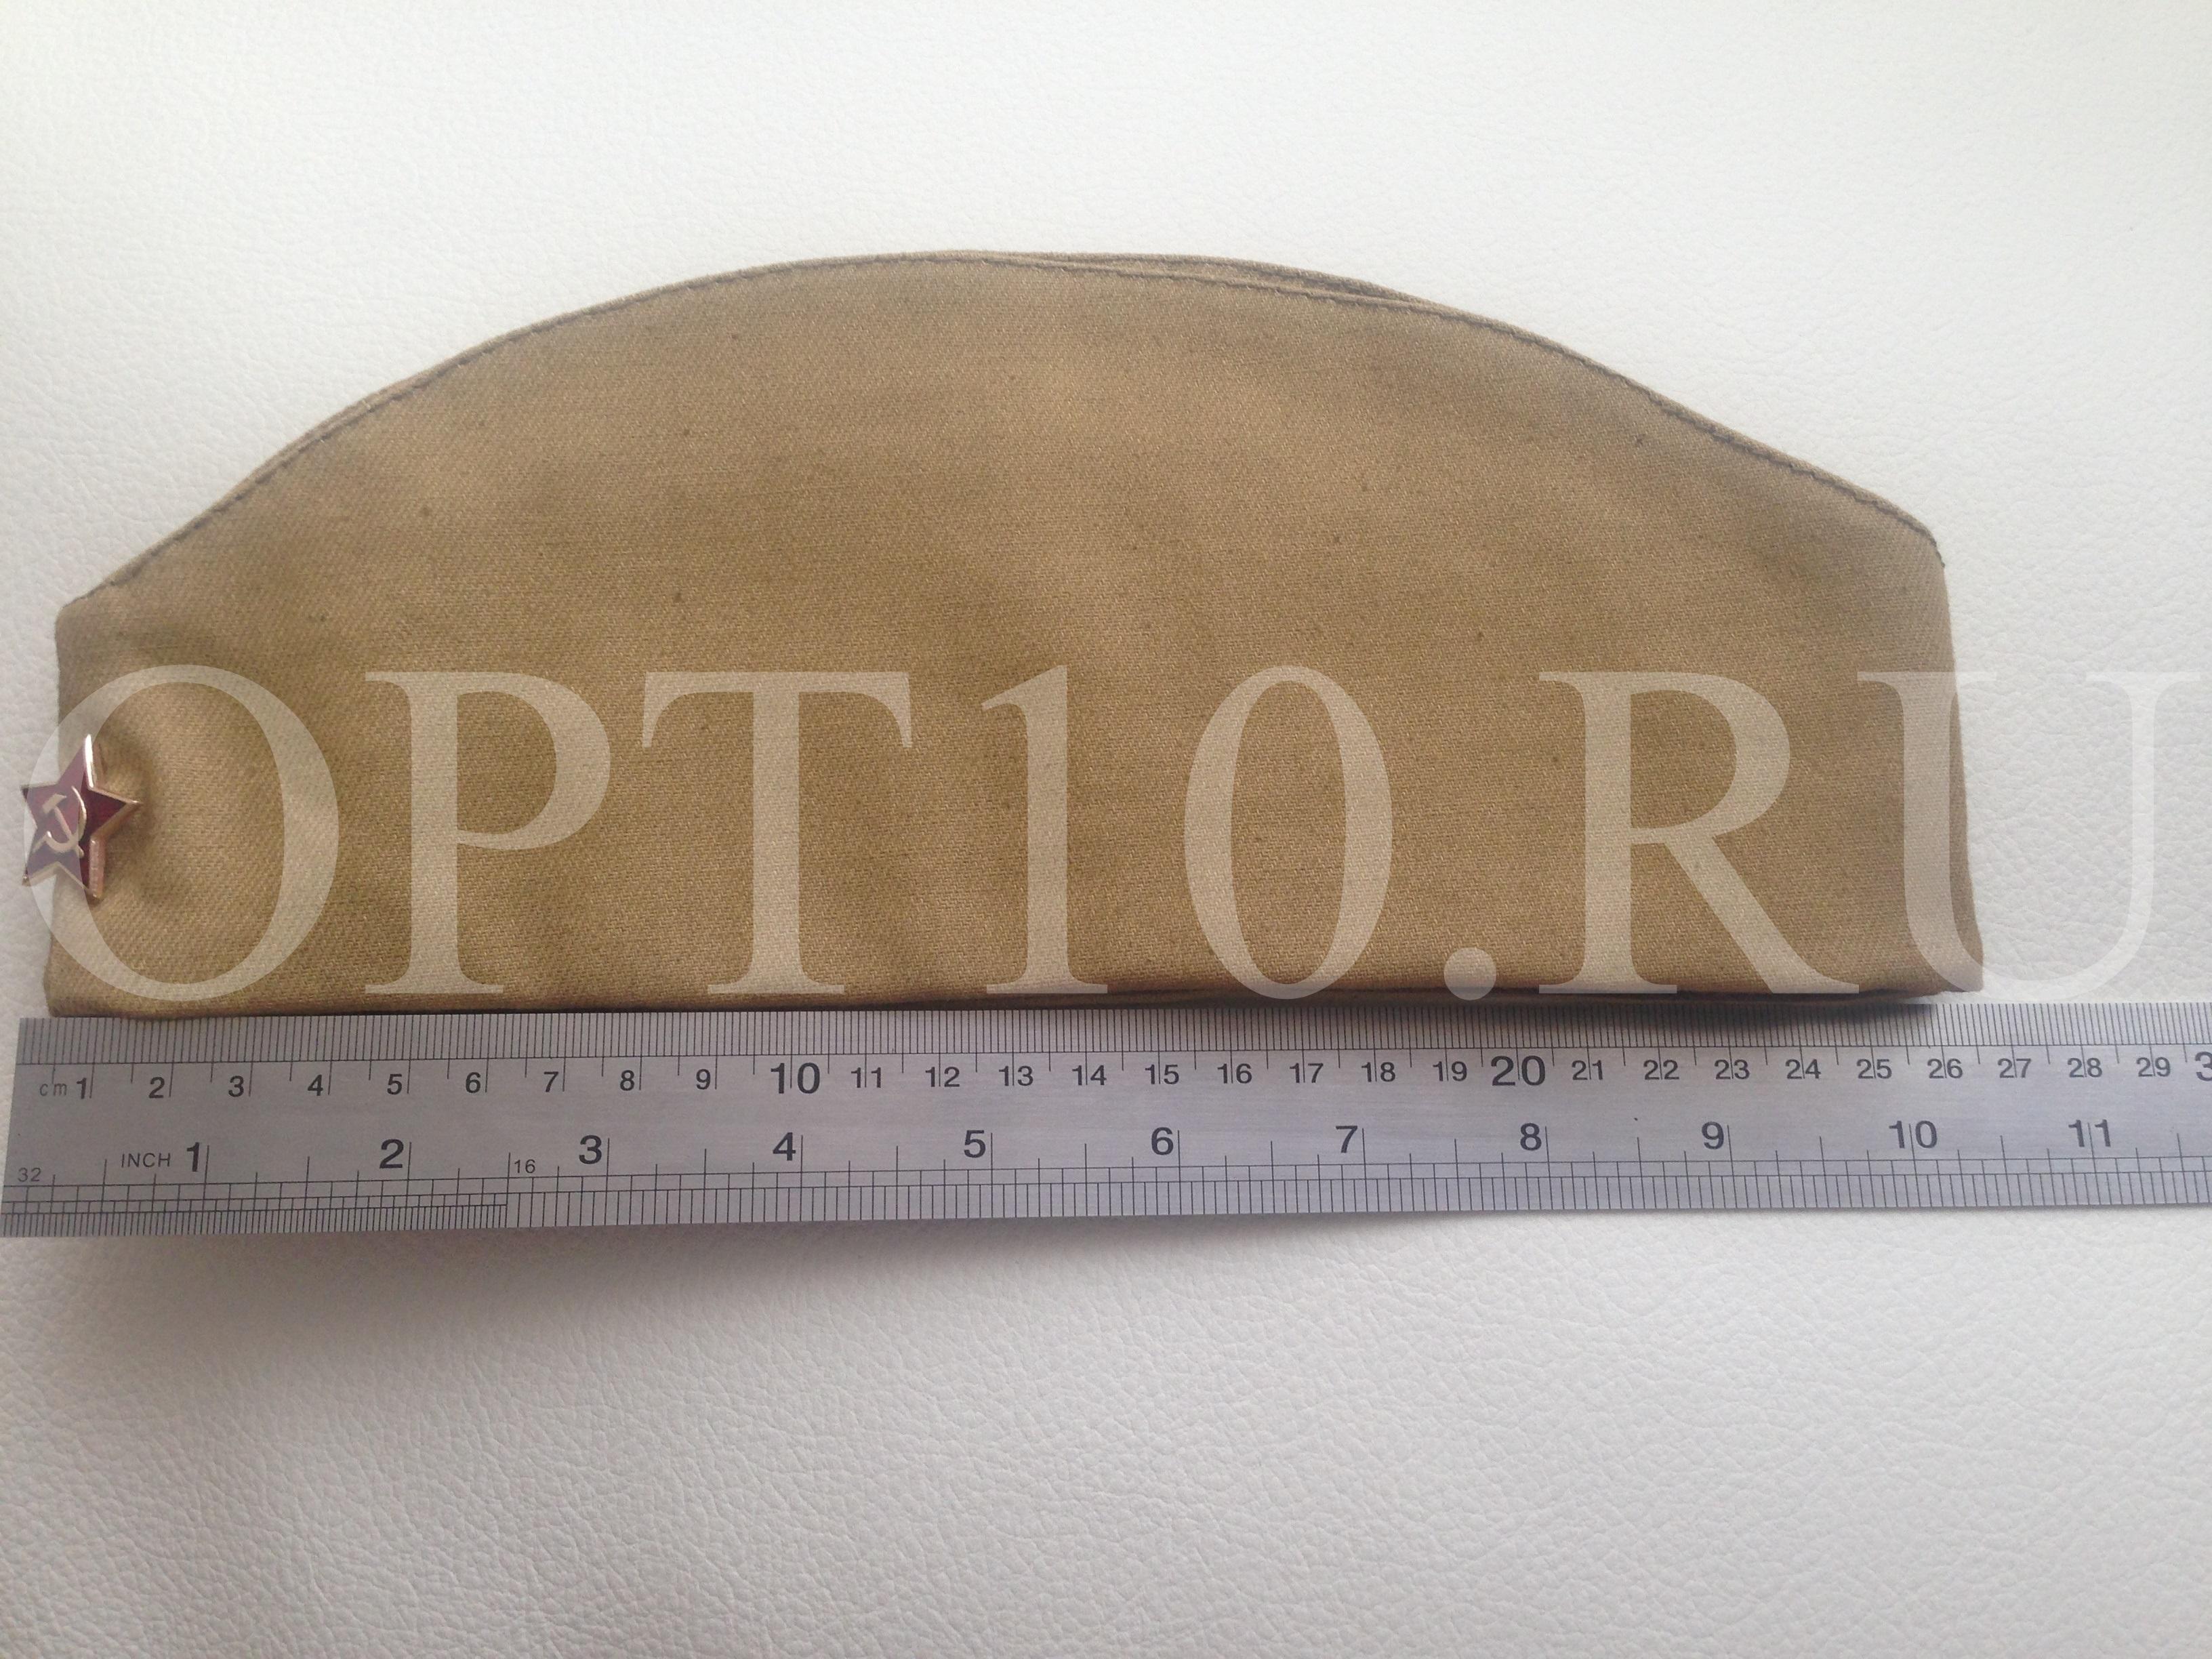 https://opt10.ru/images/upload/image-12-04-16-11-34-3.jpg